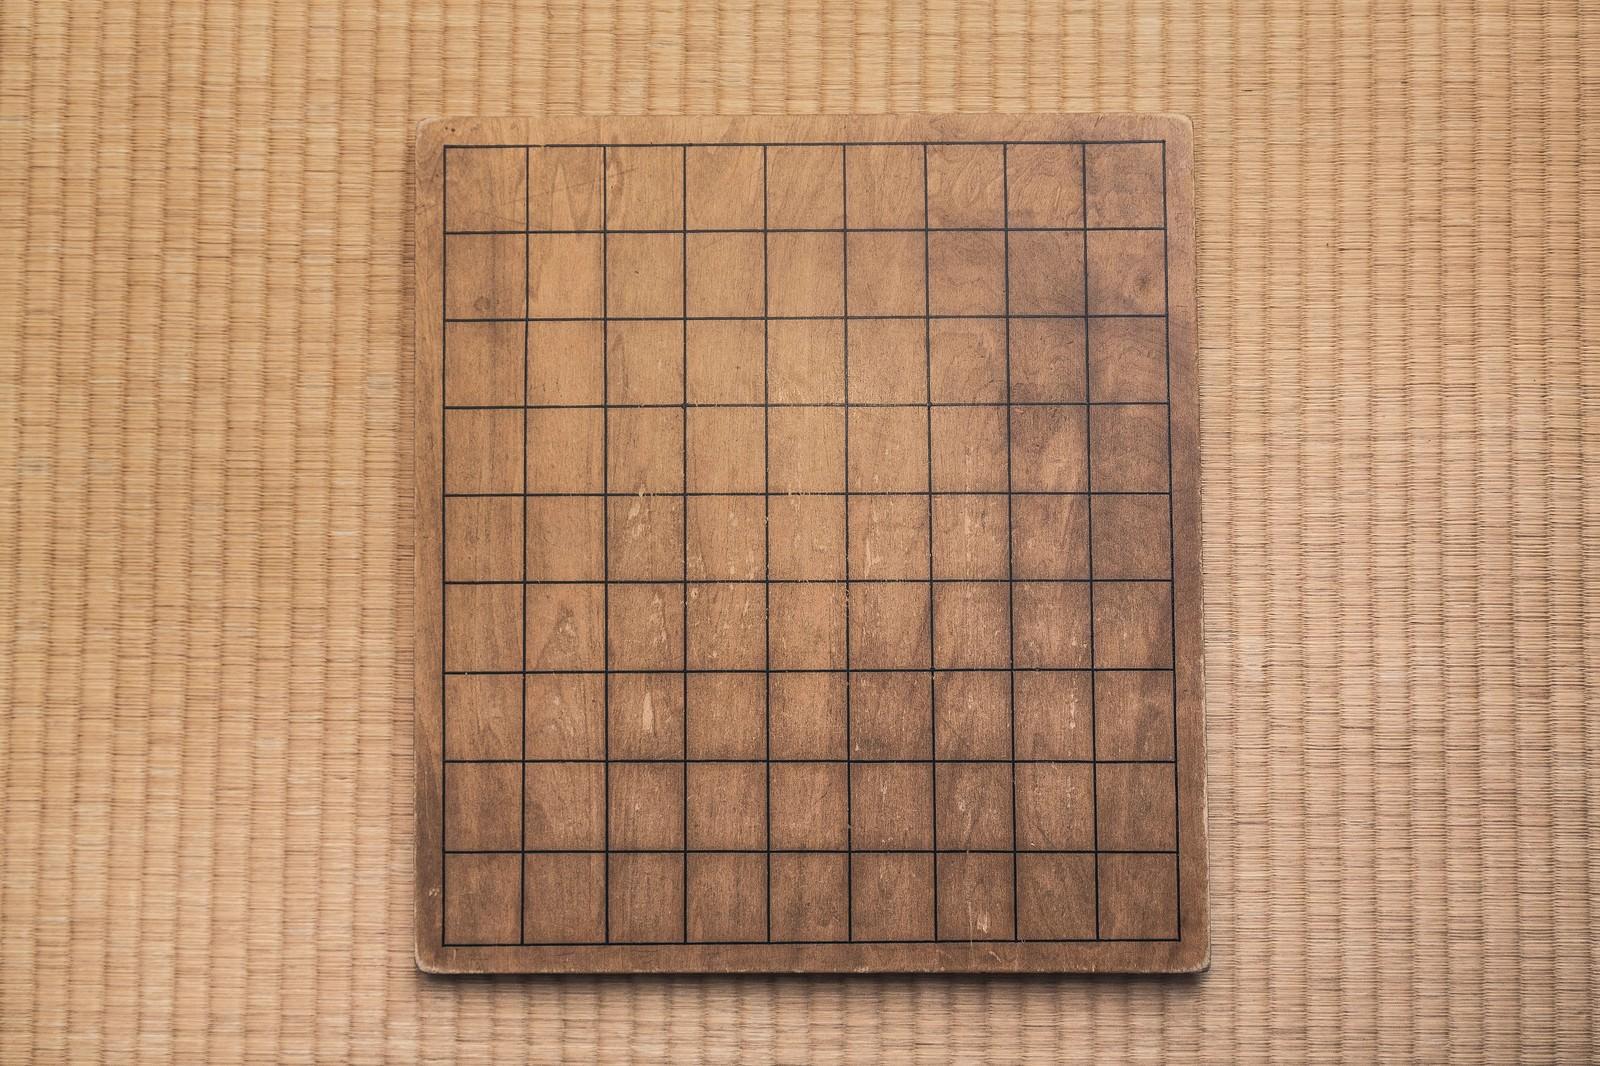 「使い古された将棋盤   写真の無料素材・フリー素材 - ぱくたそ」の写真